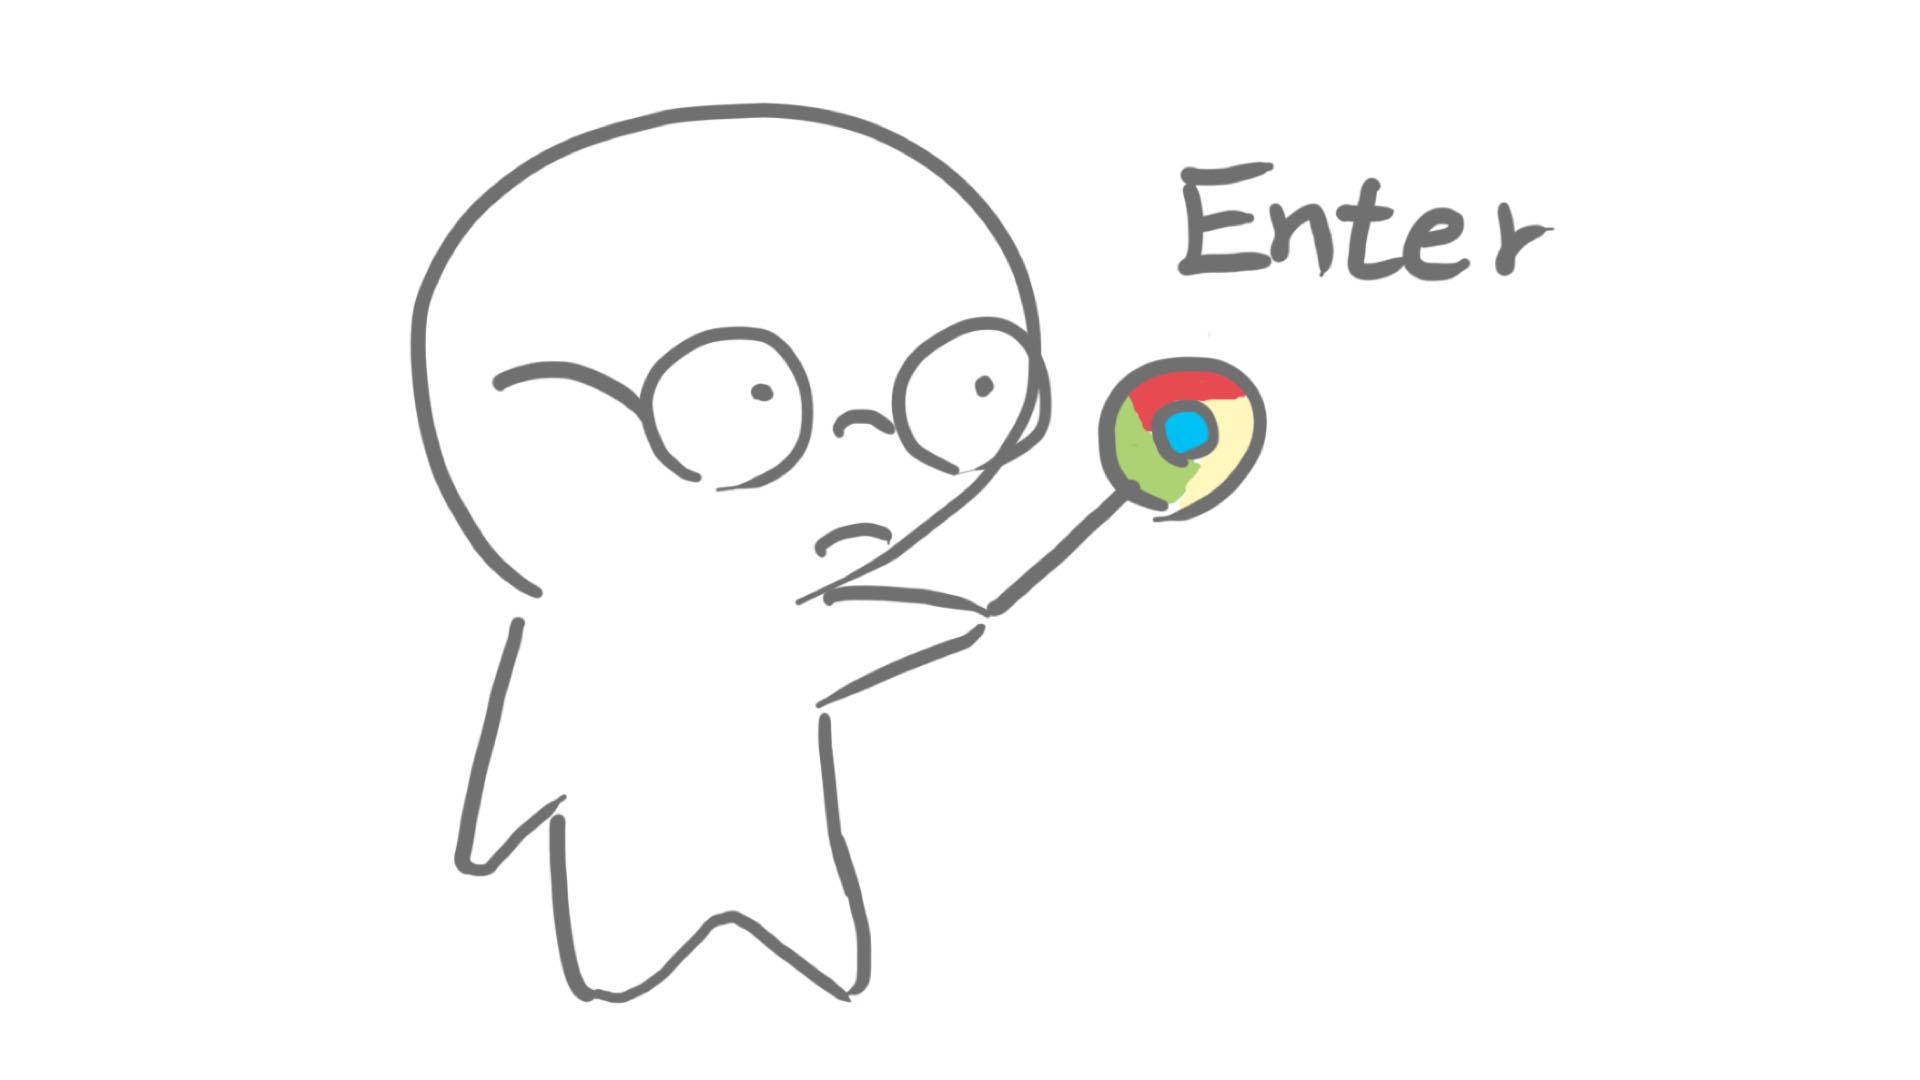 Mr. Browser